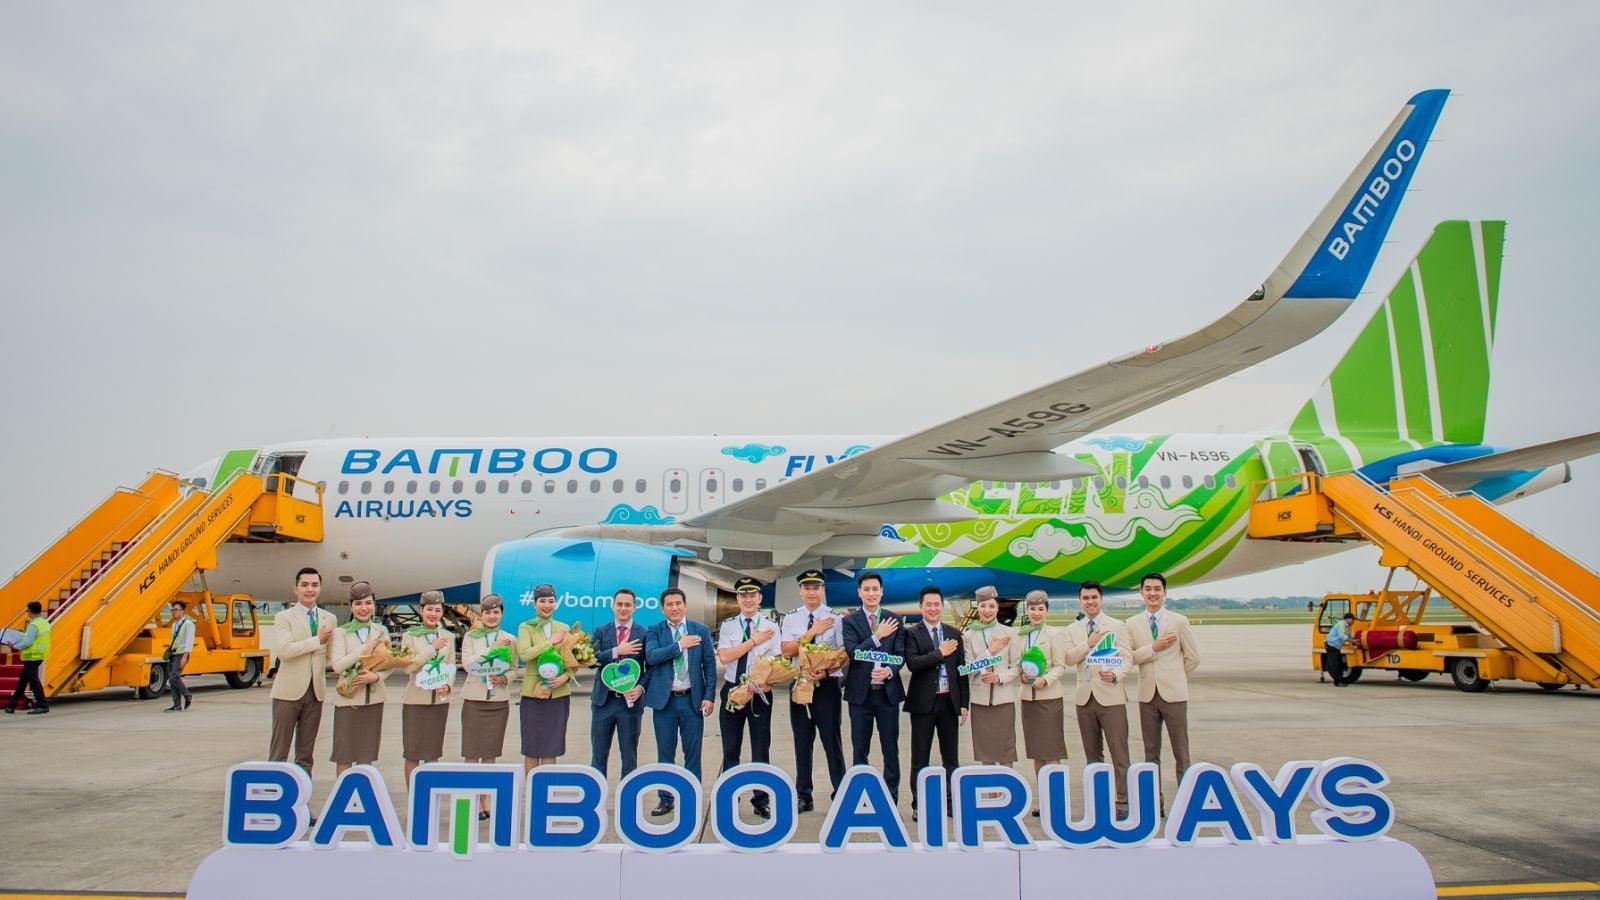 Đặt vé máy bay Bamboo giá rẻ chặng Hải Phòng - Đà Nẵng